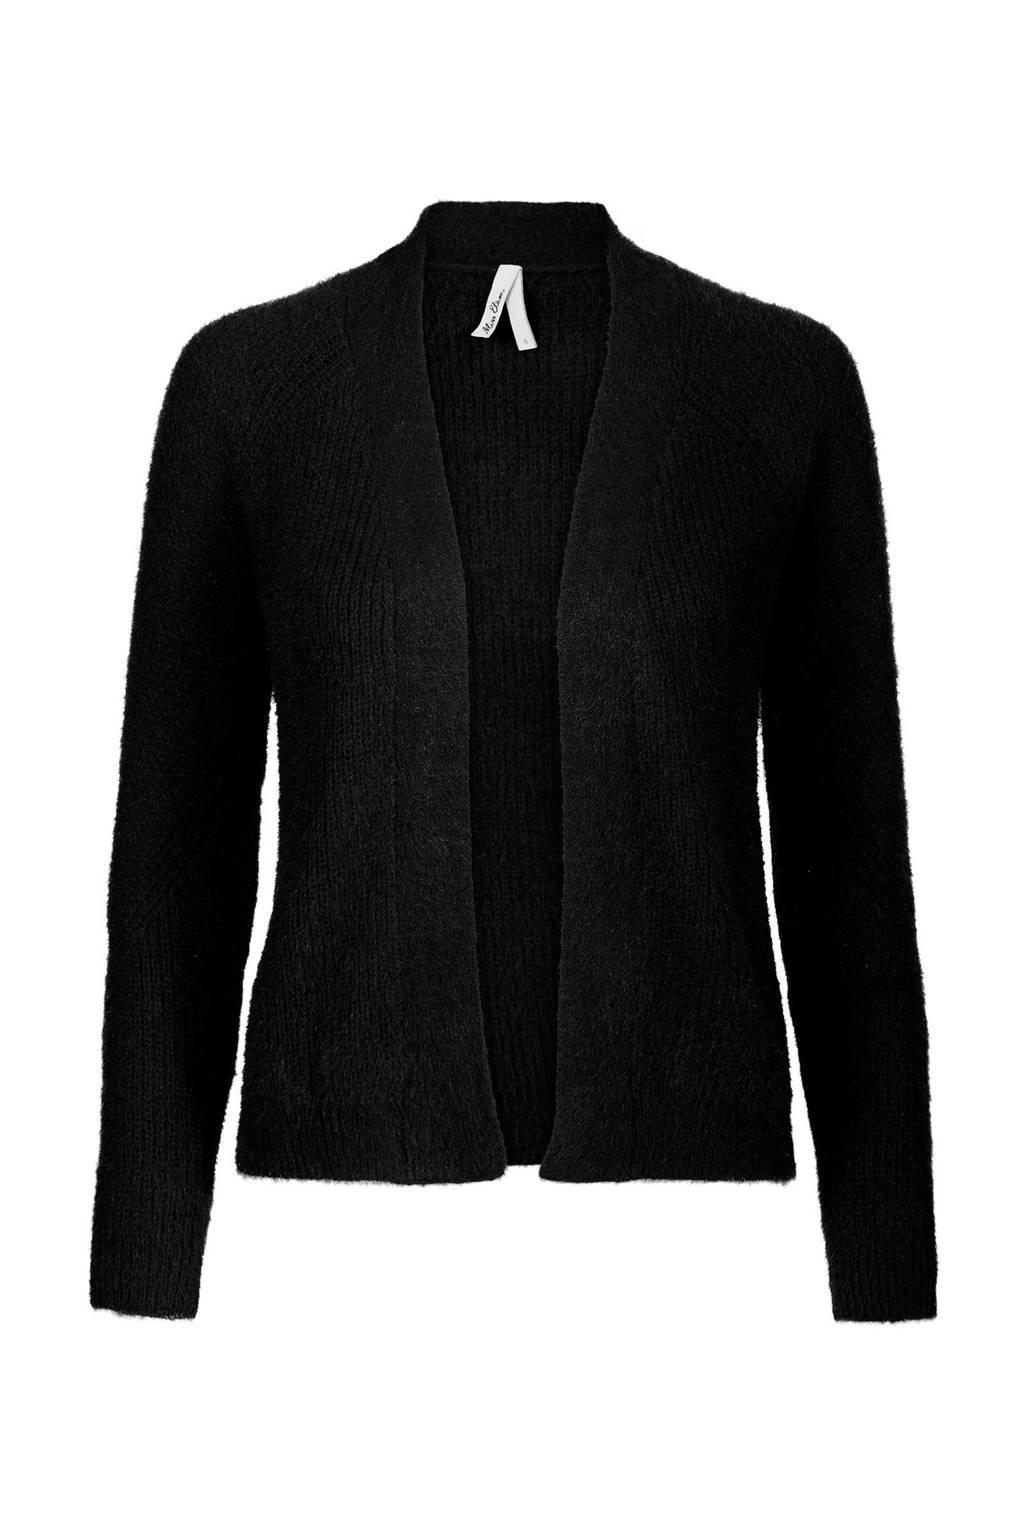 Miss Etam Regulier fluffy vest zwart, Zwart